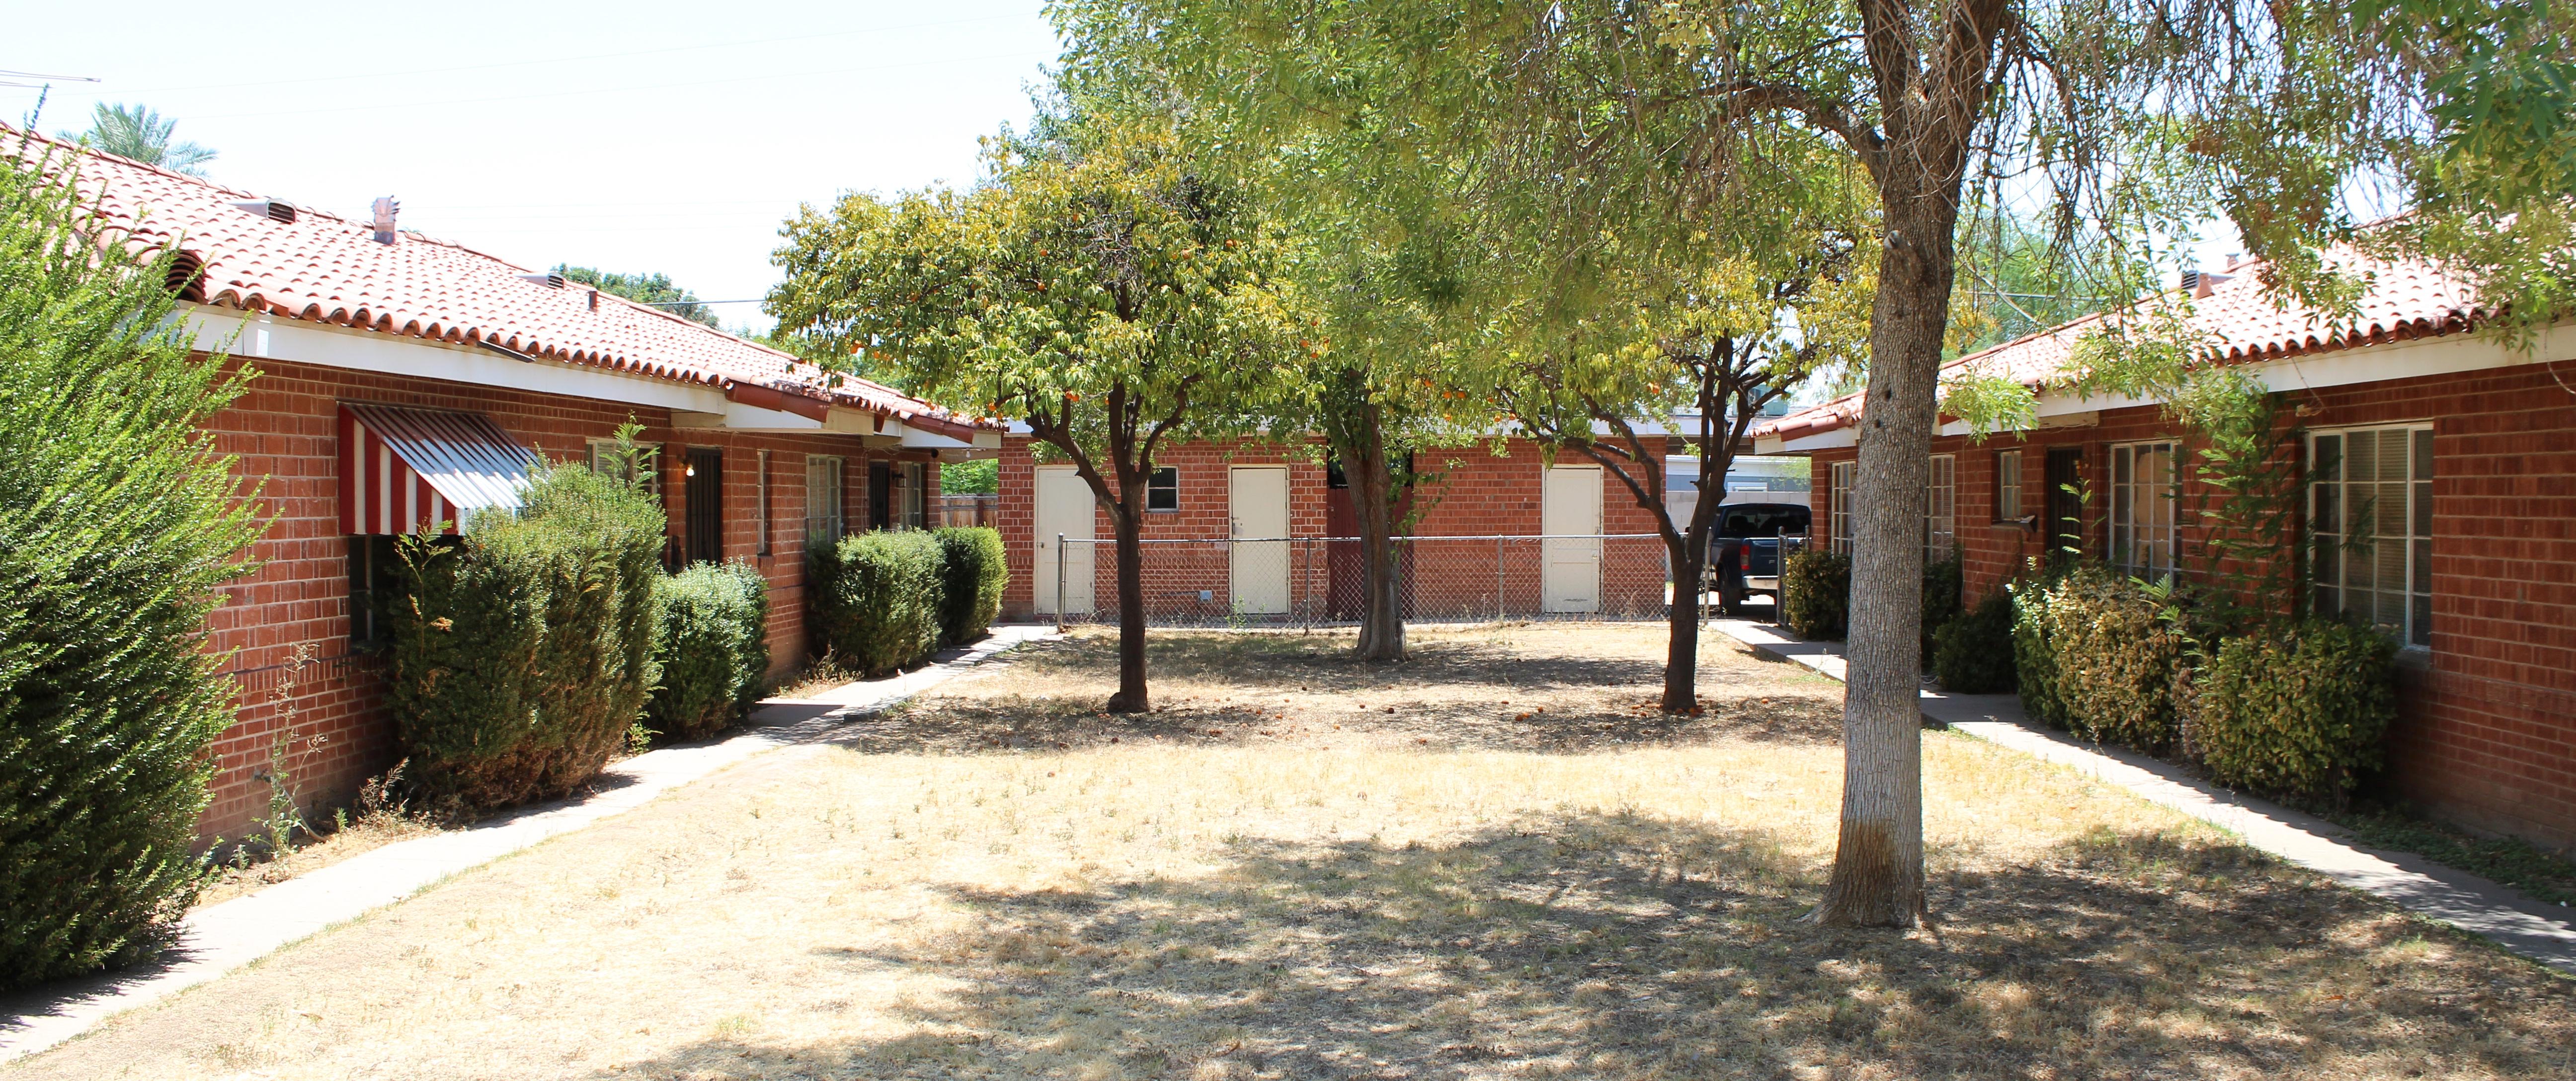 Highland Apartments | Central Phoenix | Vestis Group